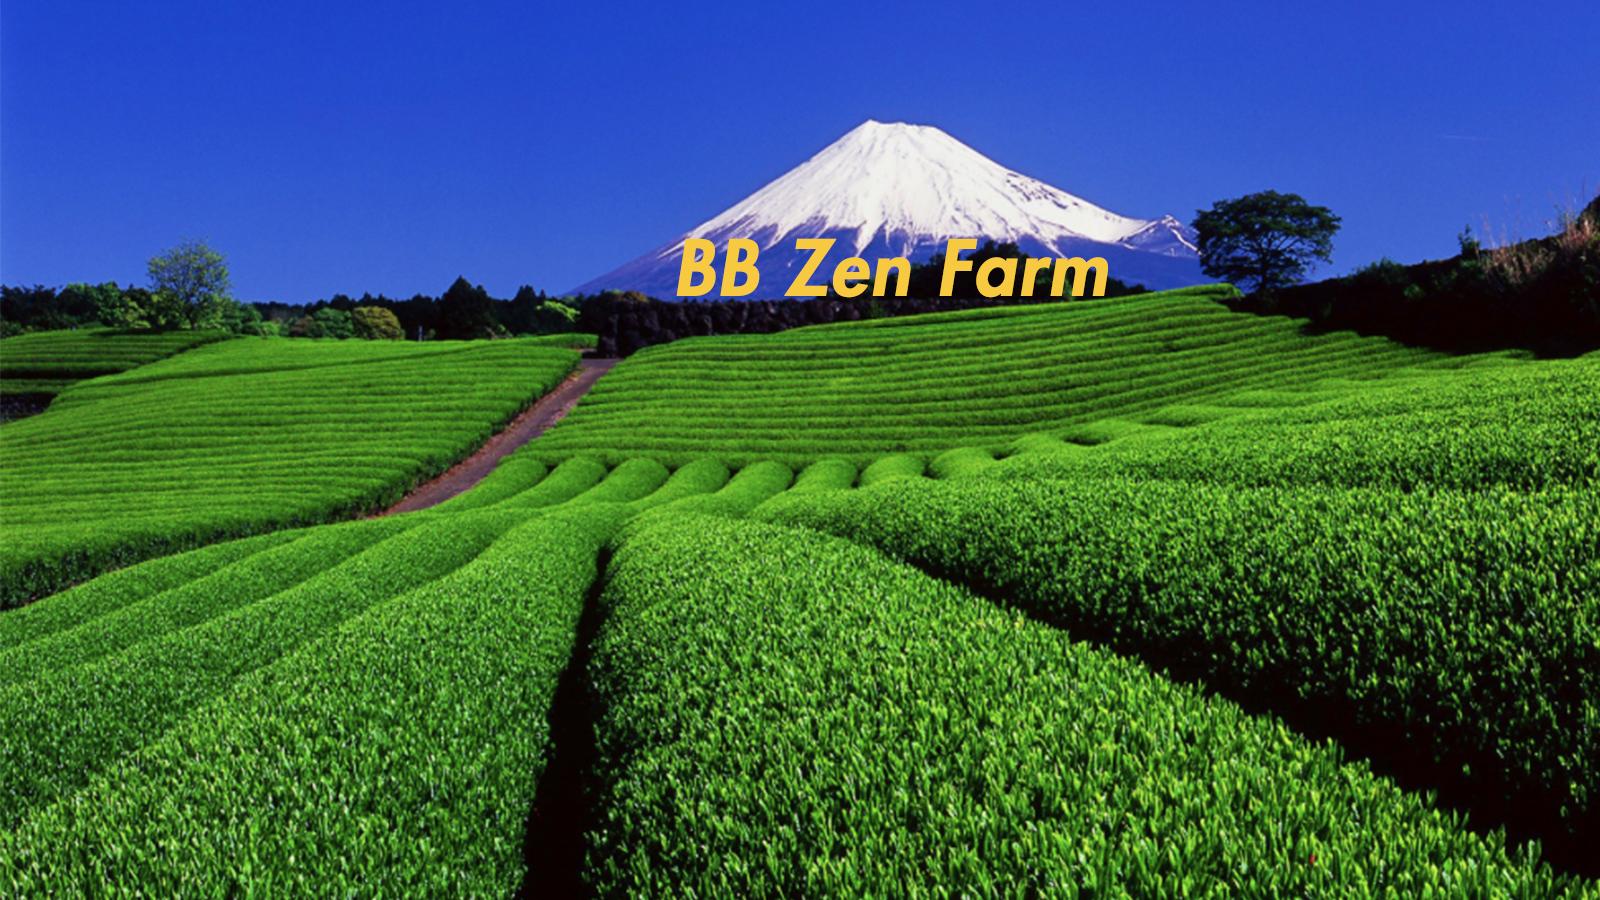 BB ZEN Farm Kyoto